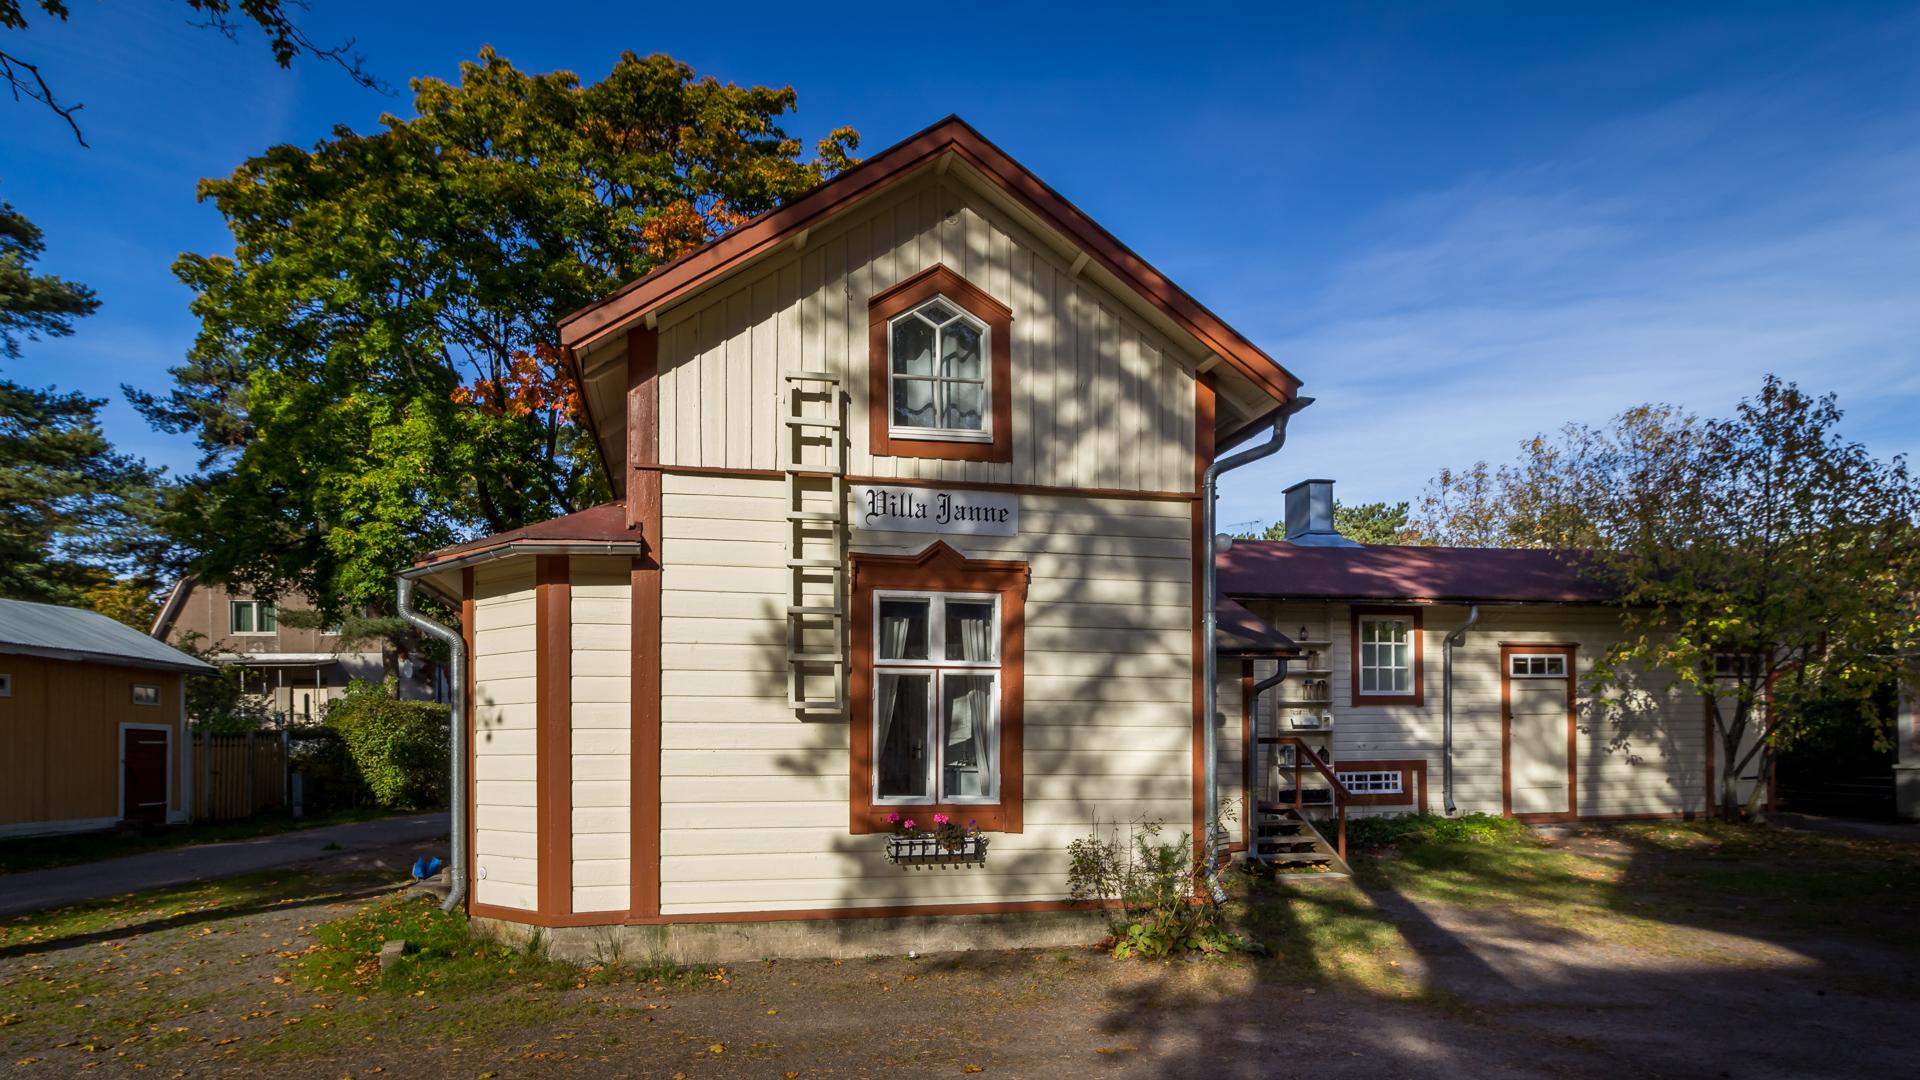 About Us - Hotel Villa Maija Hanko - Villa Janne